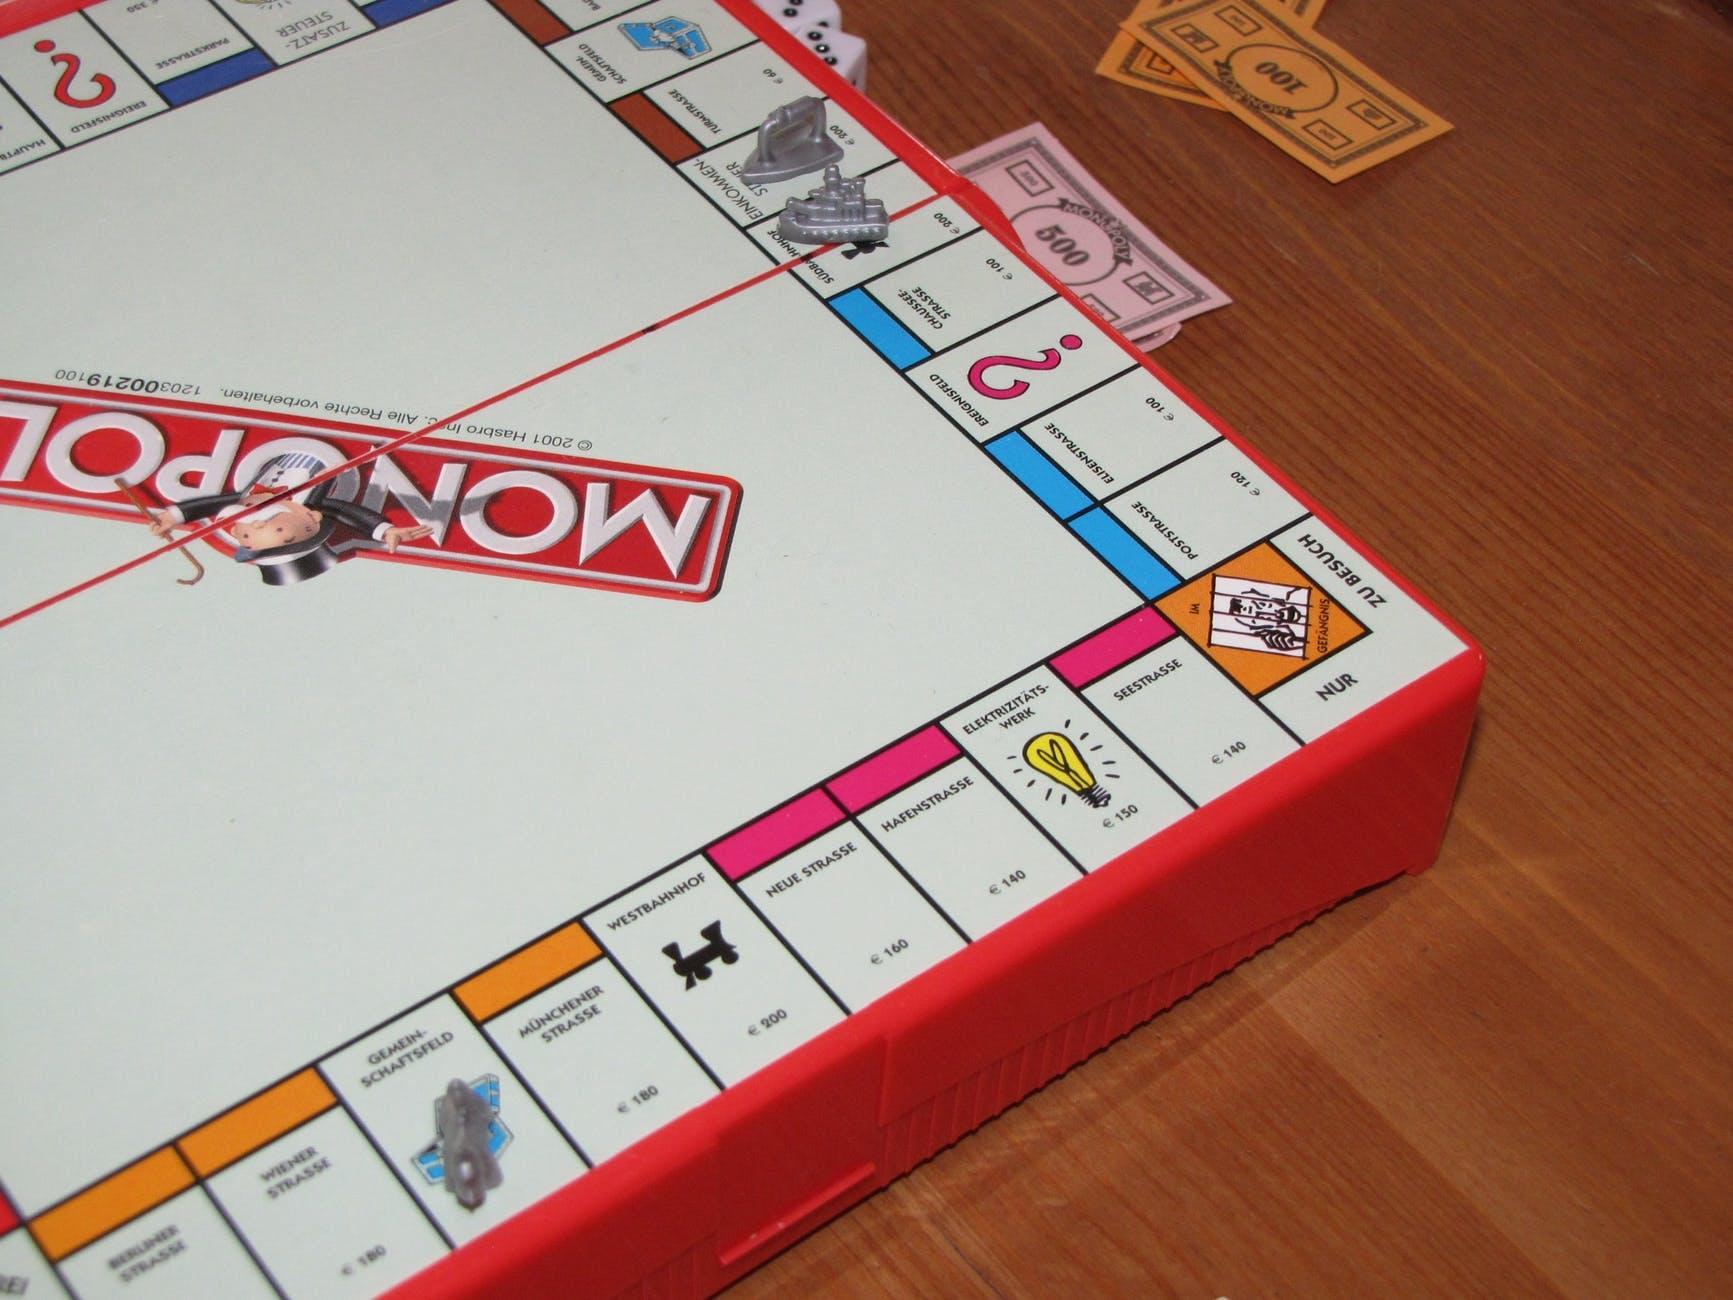 board game chance fun gambling